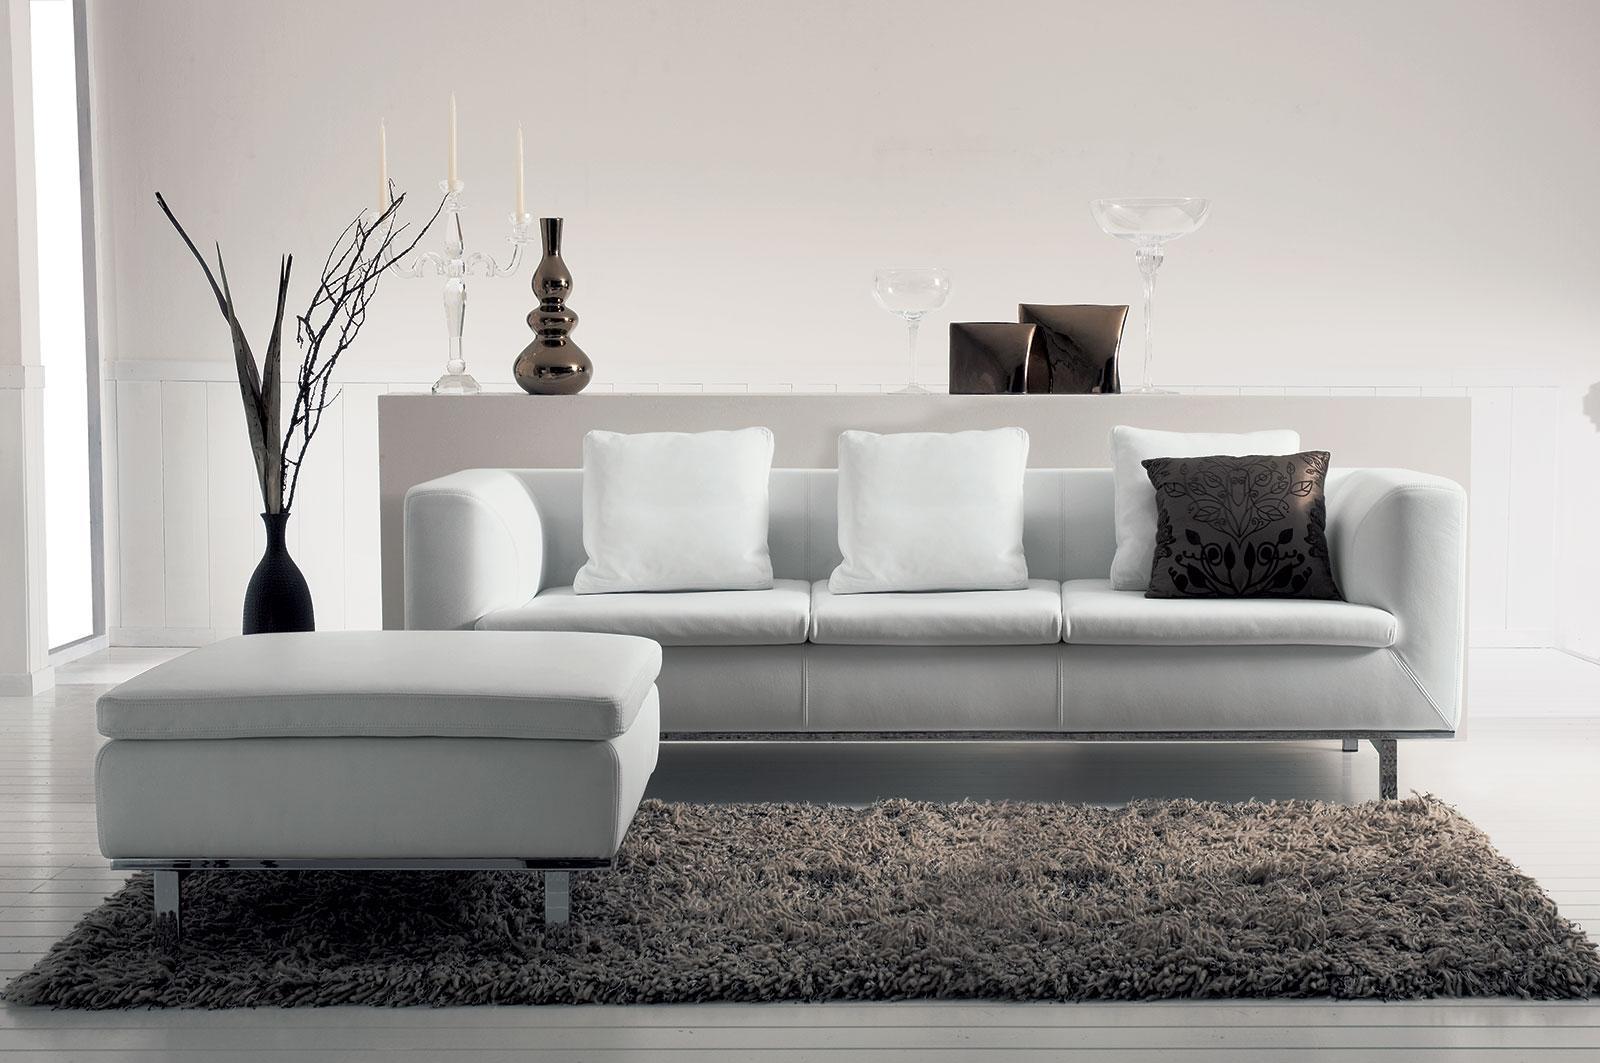 divano 3 posti pelle arredamento casa on line moderno lusso 2015 design inspiration web made in italy misure pelle grande bianco nero marrone prezzo